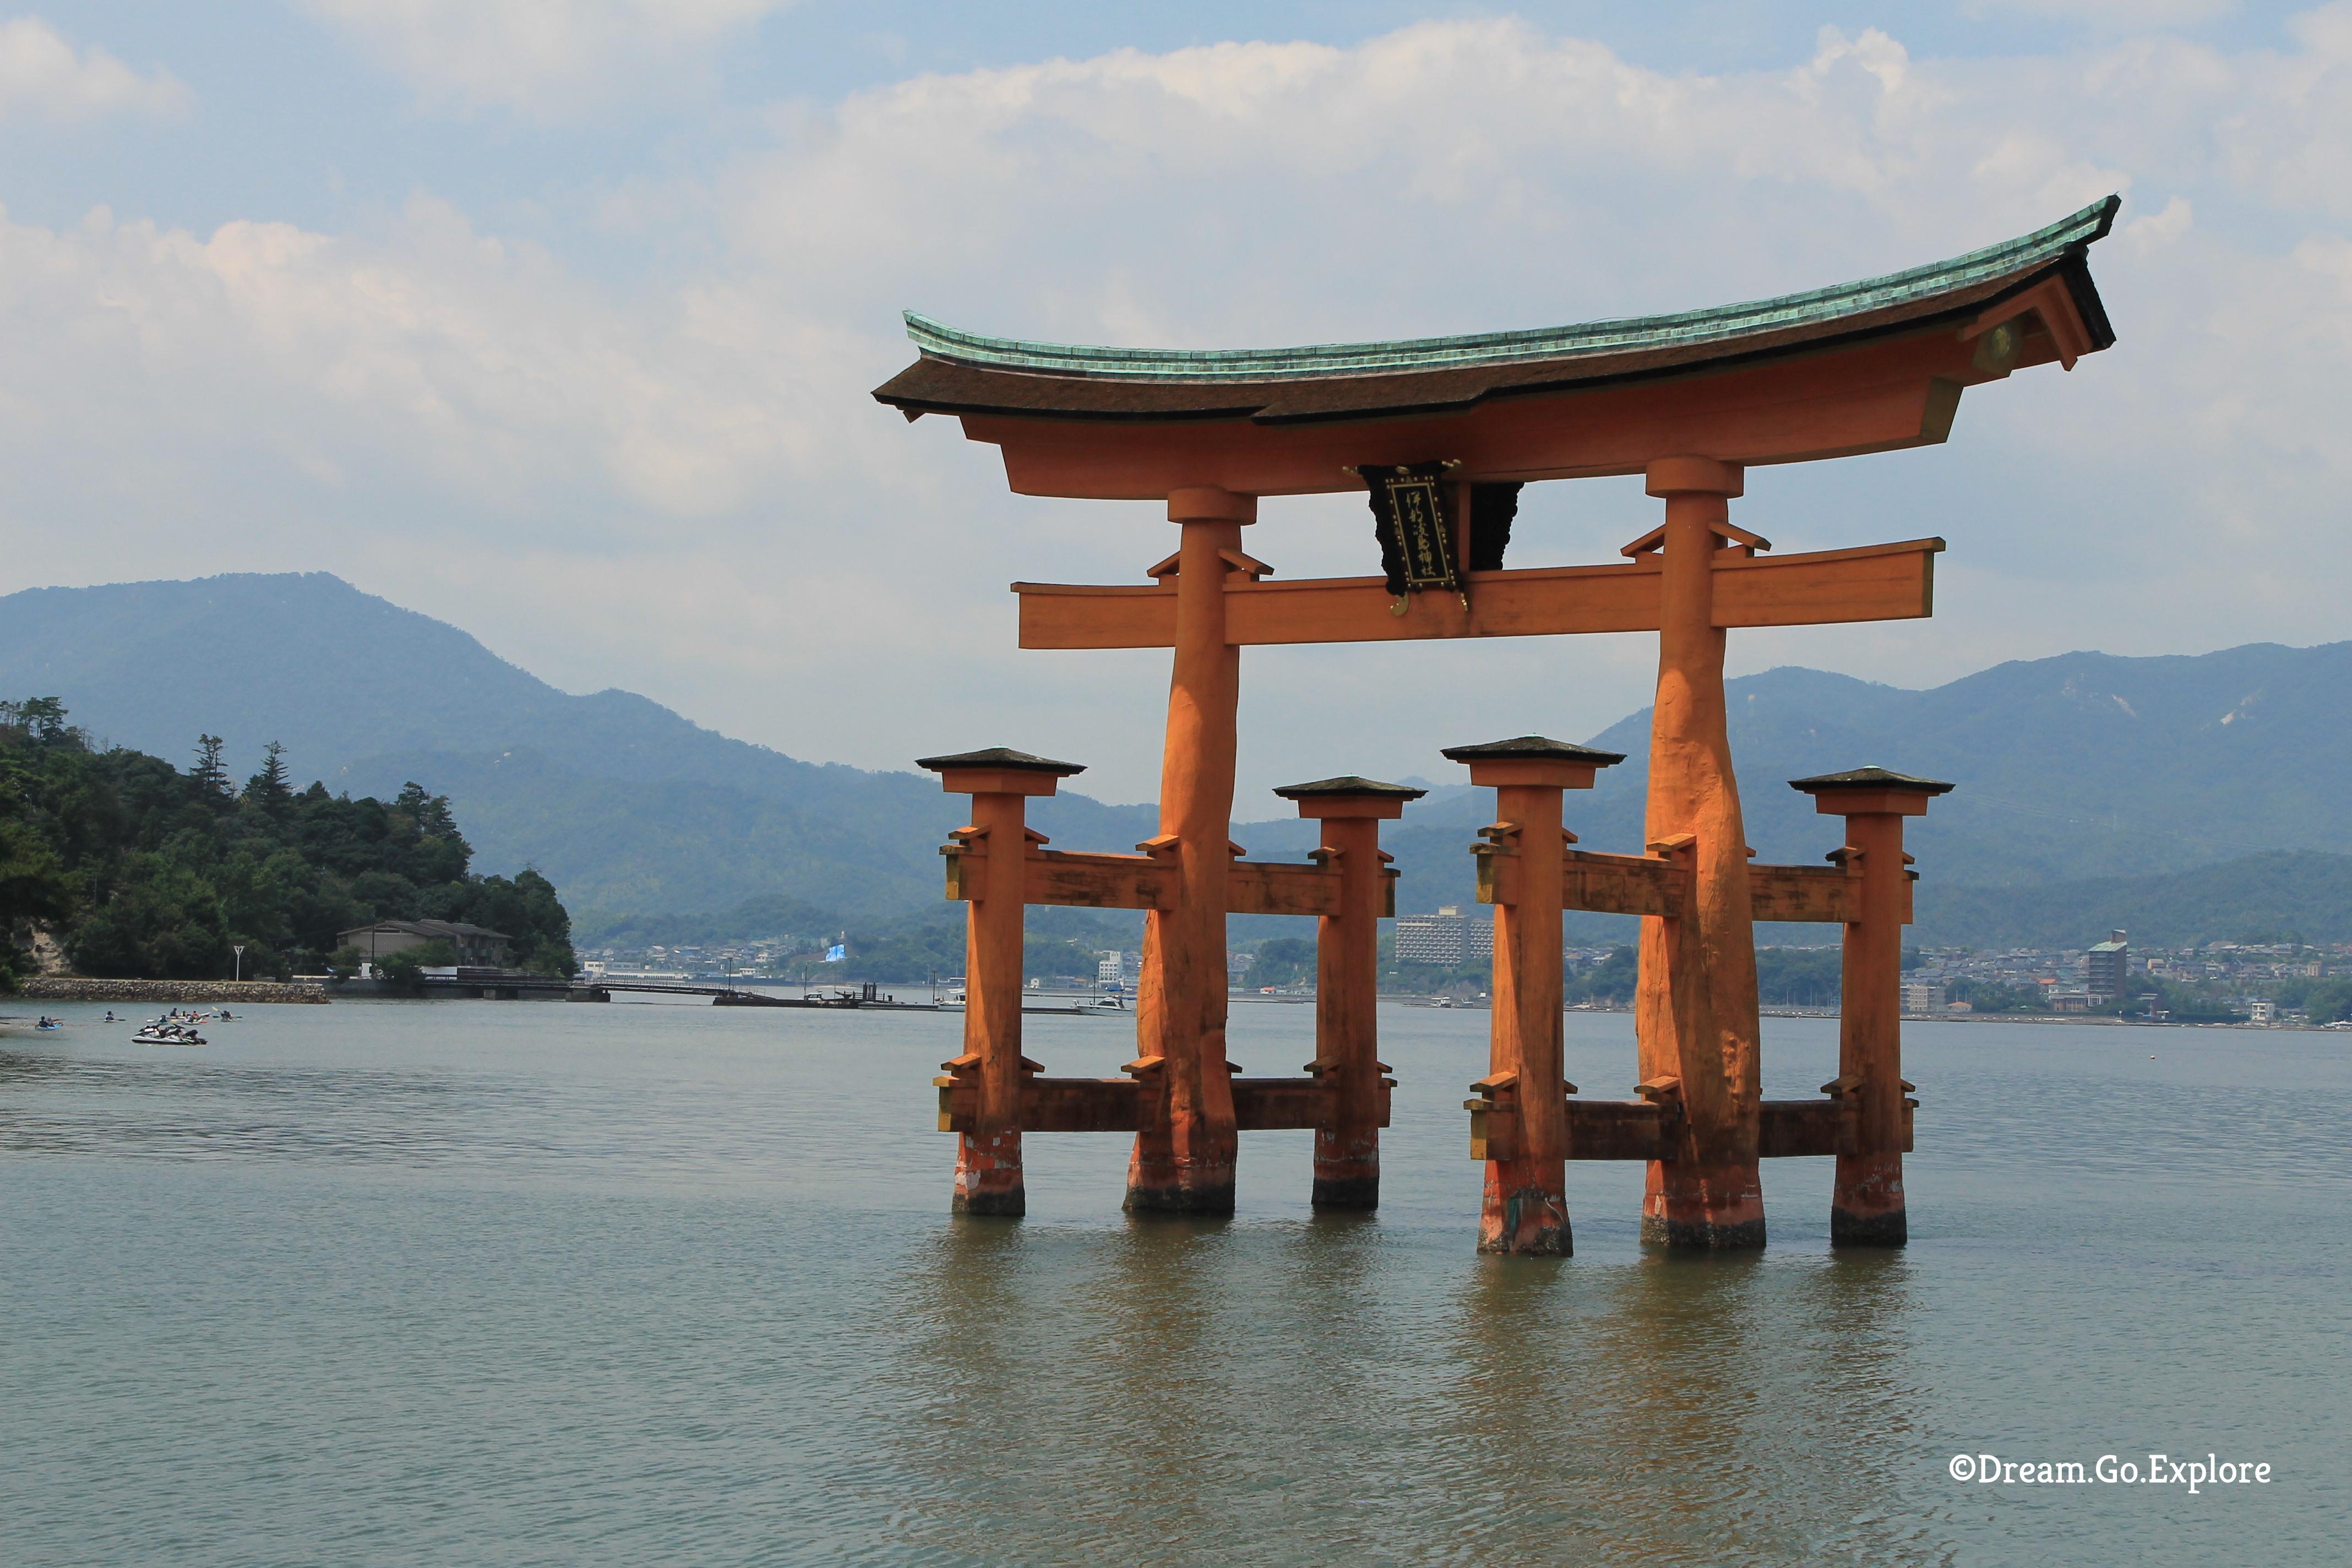 The Itsukushima Shrine on Miyajima Island (Japan) – Der Itsukushima Schrein auf der Insel Miyajima (Japan)